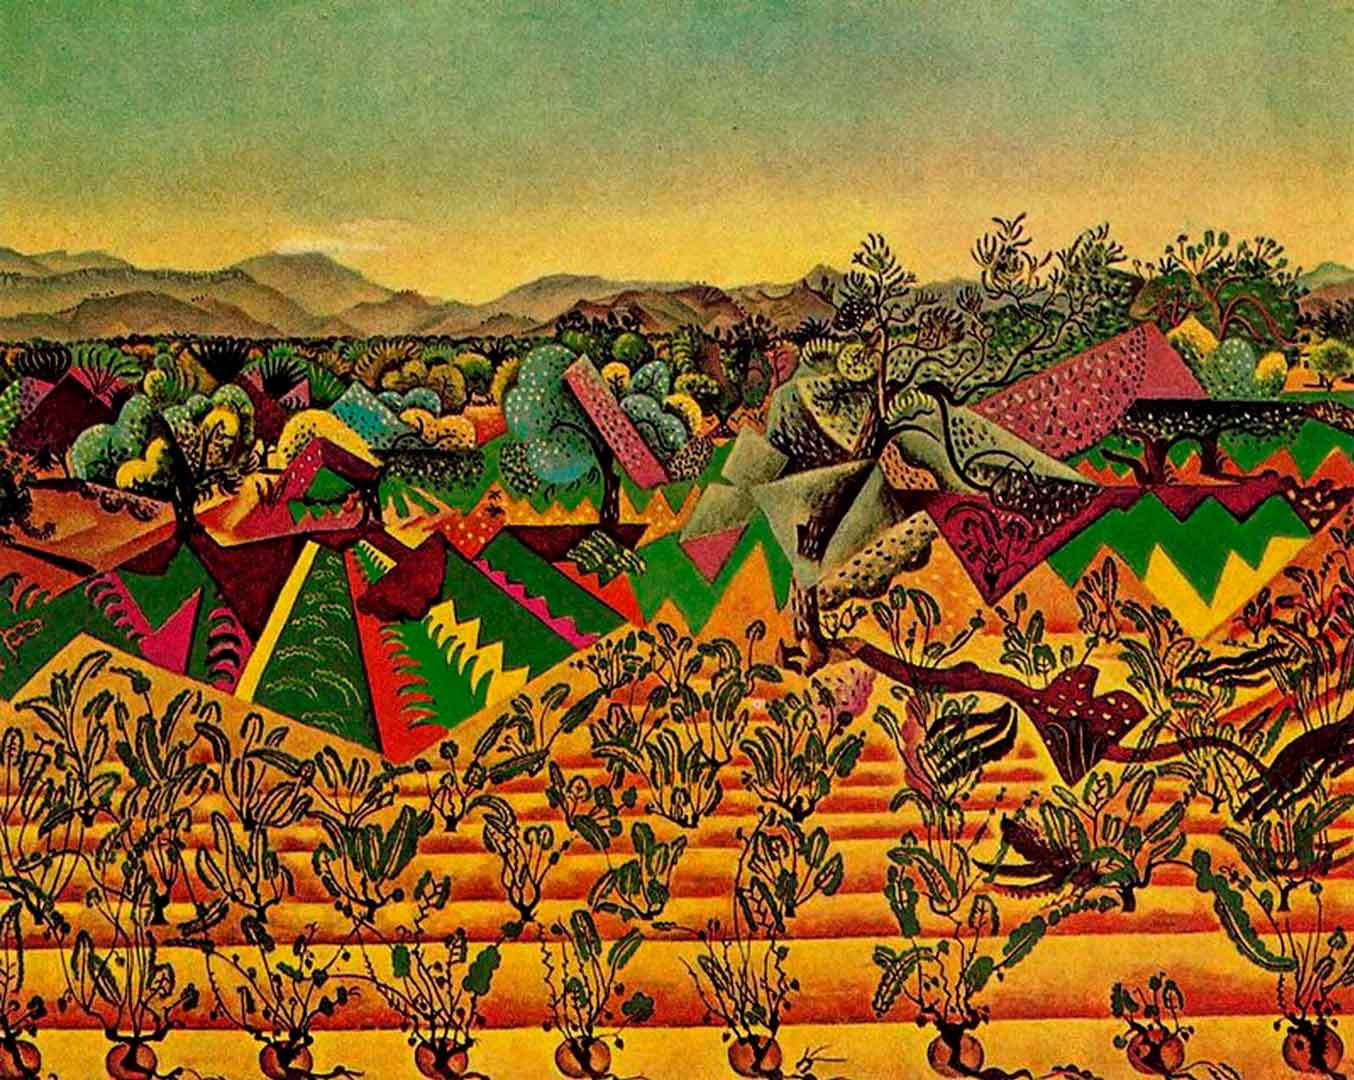 Viñedos y Olivos de Mont-Roig - Cuadro paisajístico emocional pintado por Joan Miró en 1919 - Óleo sobre Lienzo 72 x 90 cm